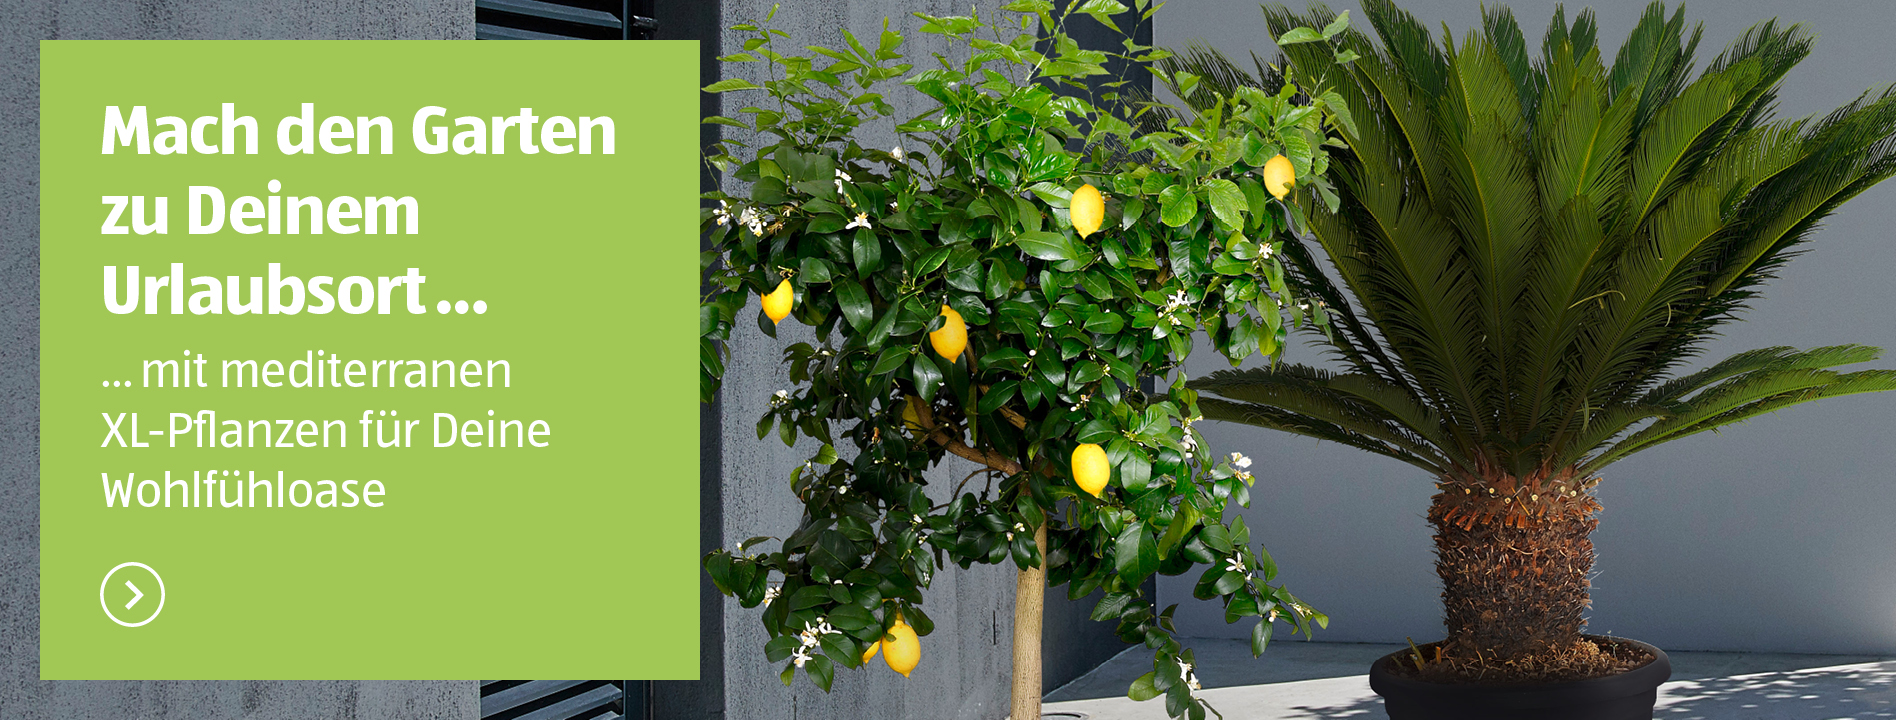 Full Size of Aldi Gartenliege 2020 Liefert Ihr Lieferservice Von Sd Relaxsessel Garten Wohnzimmer Aldi Gartenliege 2020